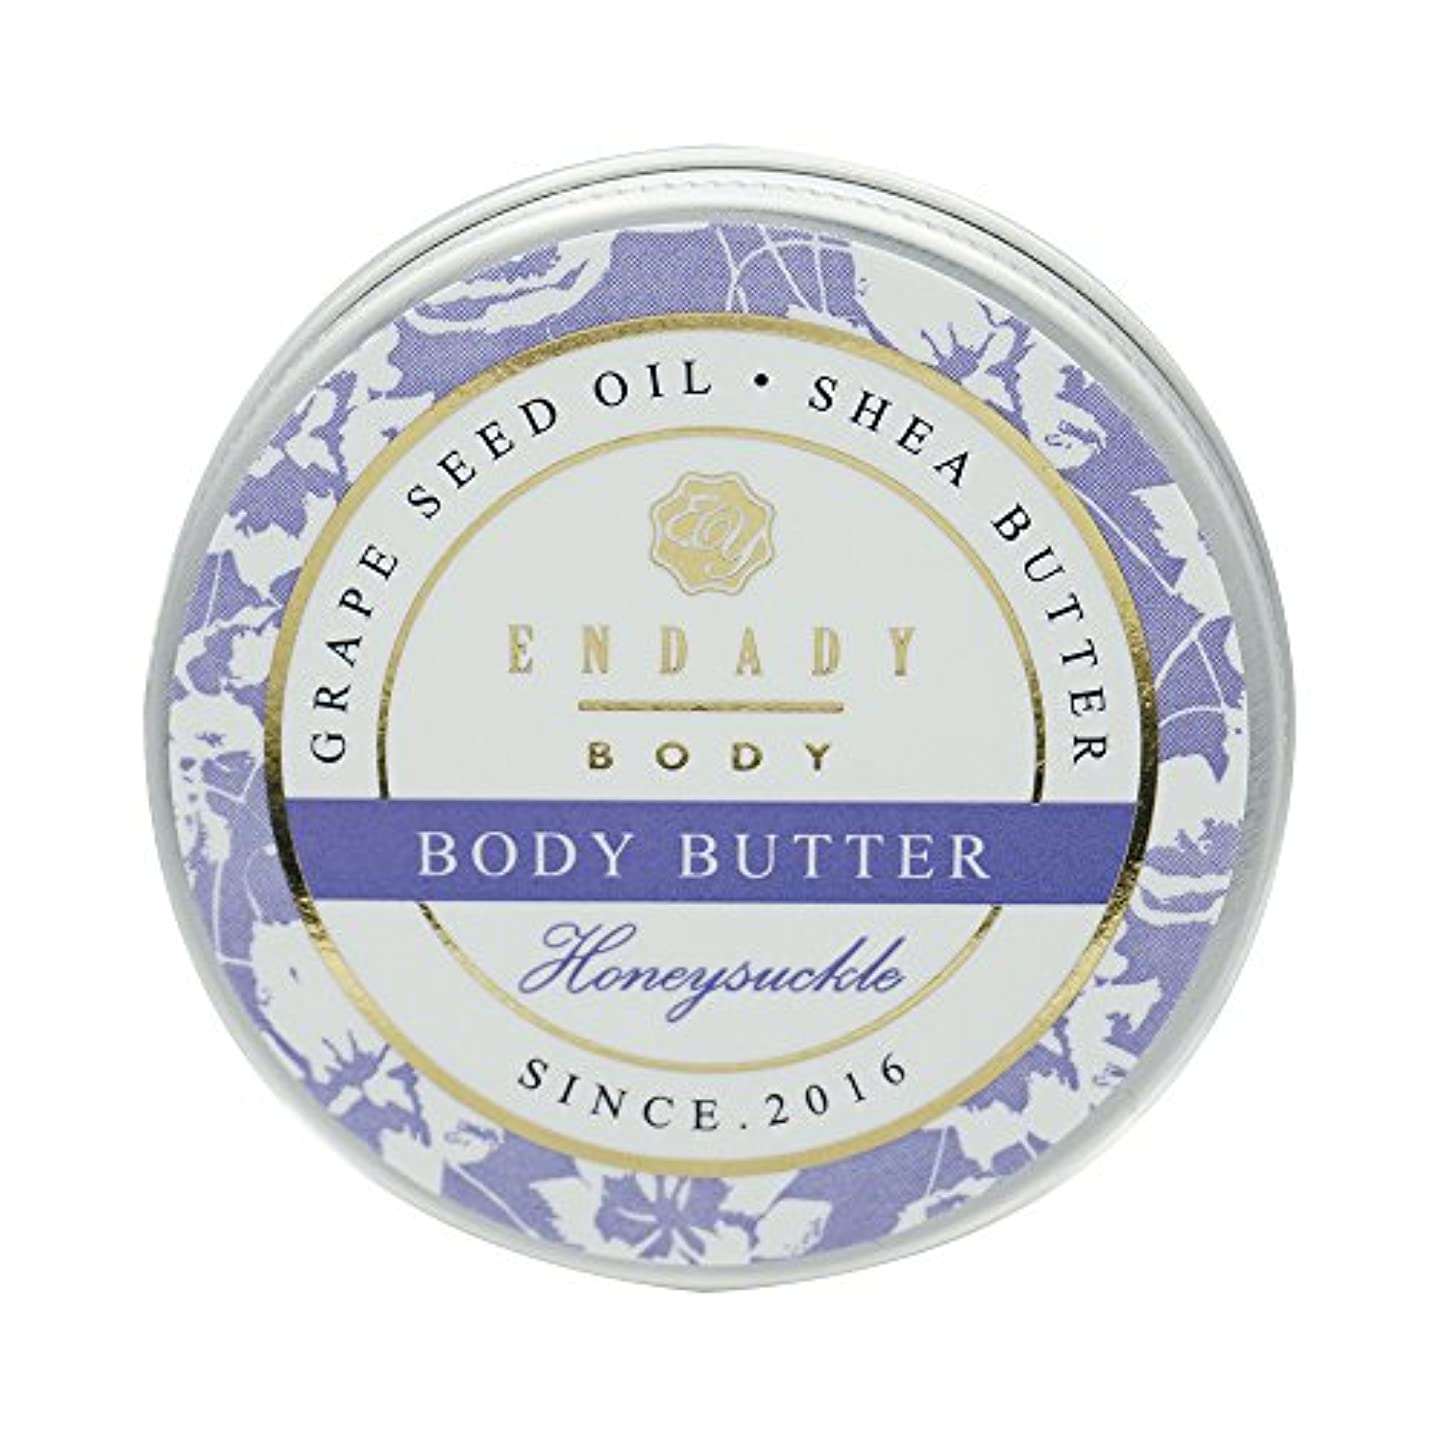 エンダディ ボディ メルティング バター 〈ハニーサックルの香り〉 (50g)